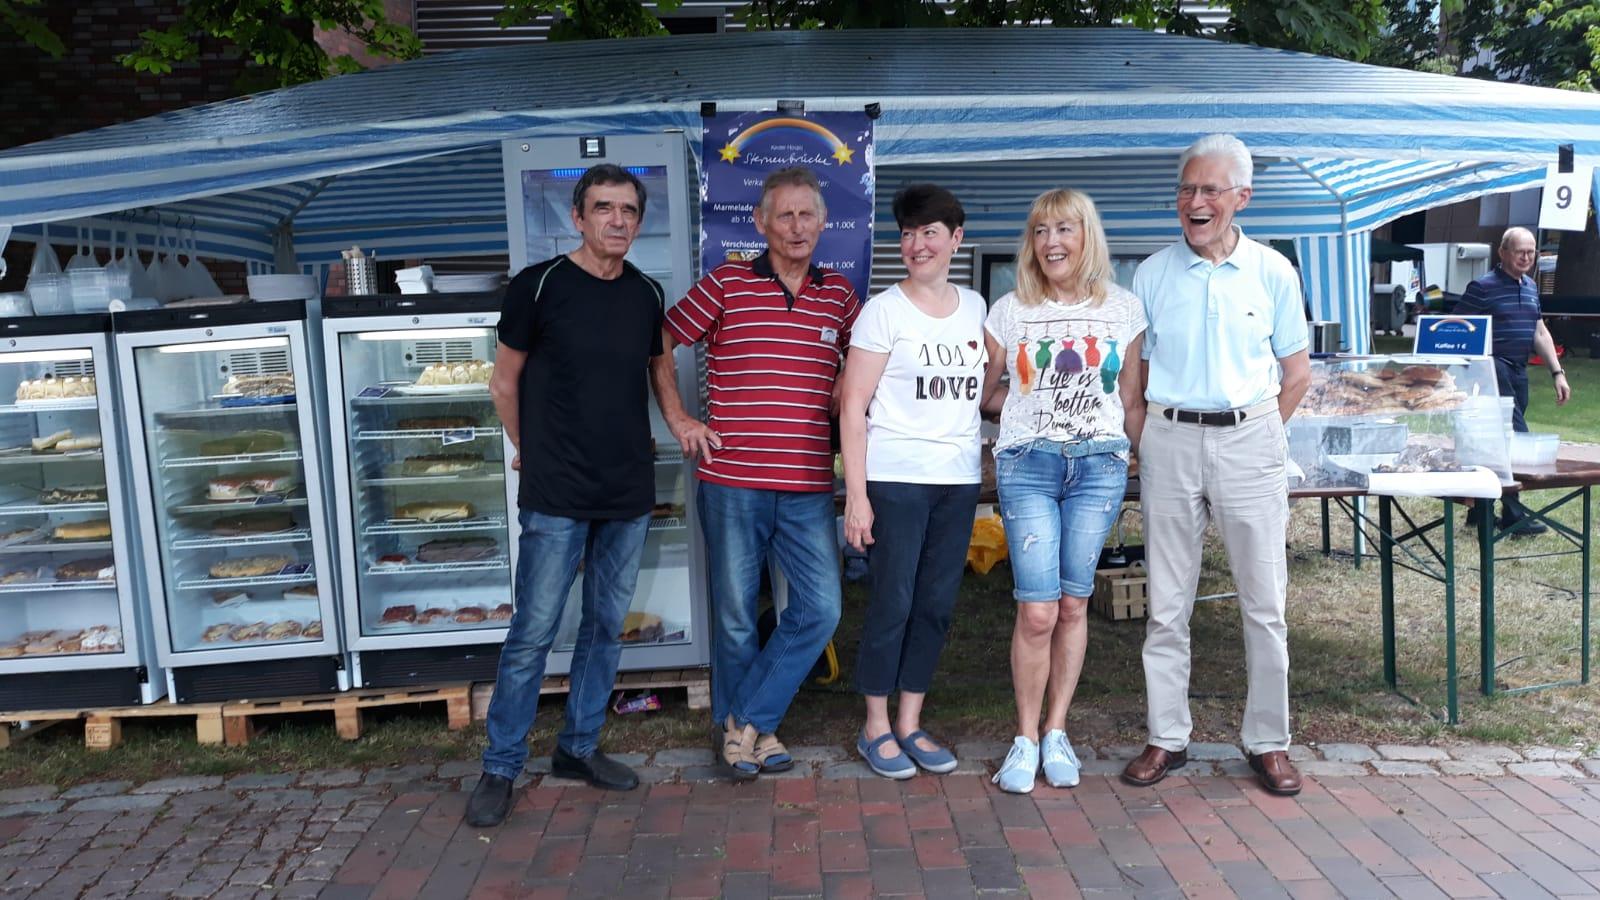 ein -Am Stand von Mili Antolagic und ihres Teams ließen sich die Besucher mit köstlichem Backwerk verwöhnen.